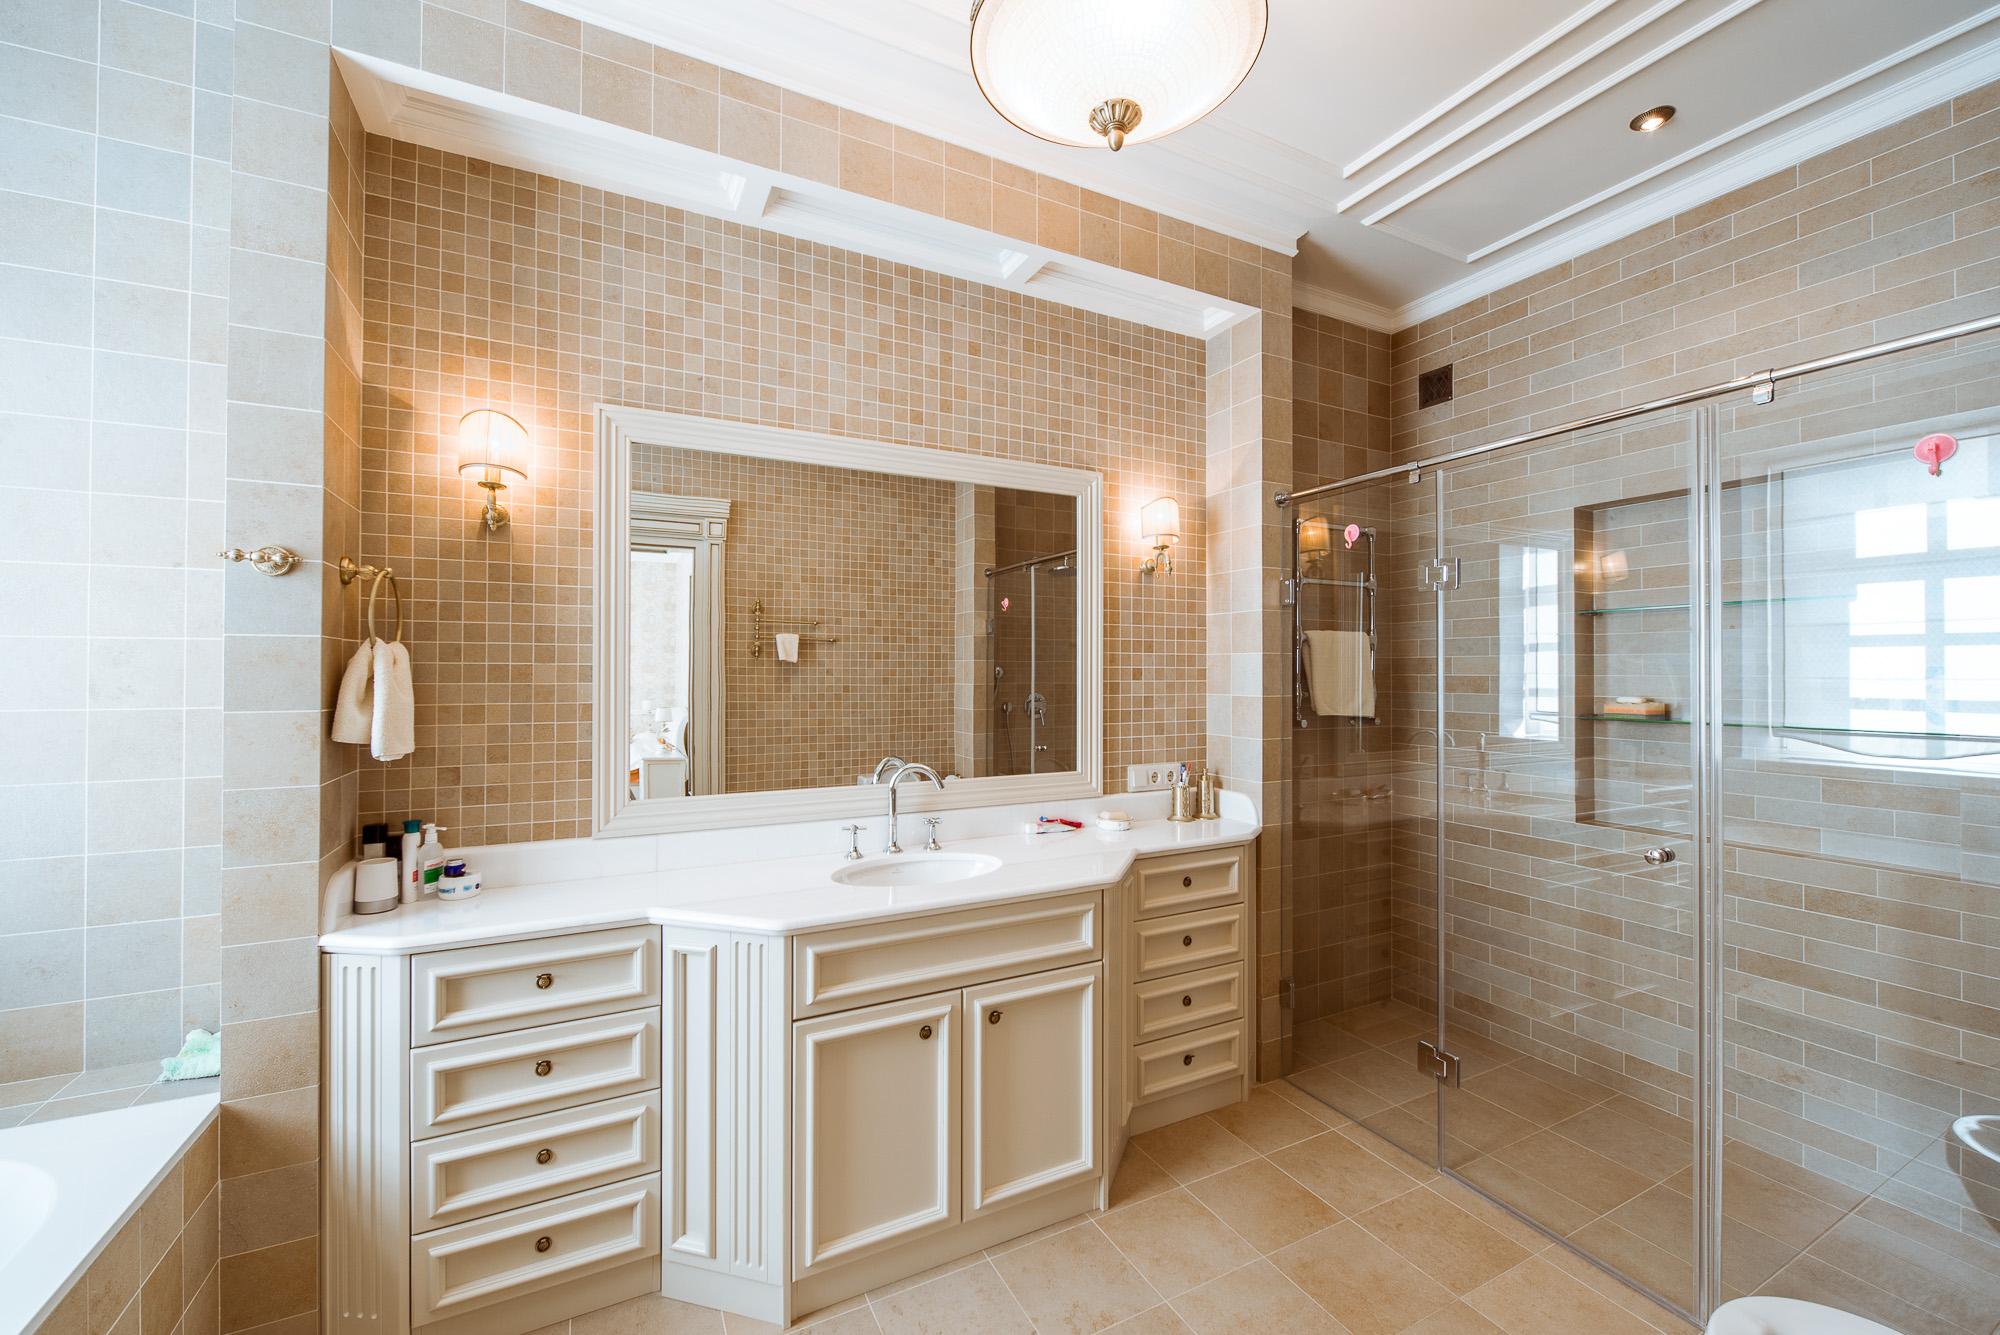 Потолочные молдинги в интерьере ванной